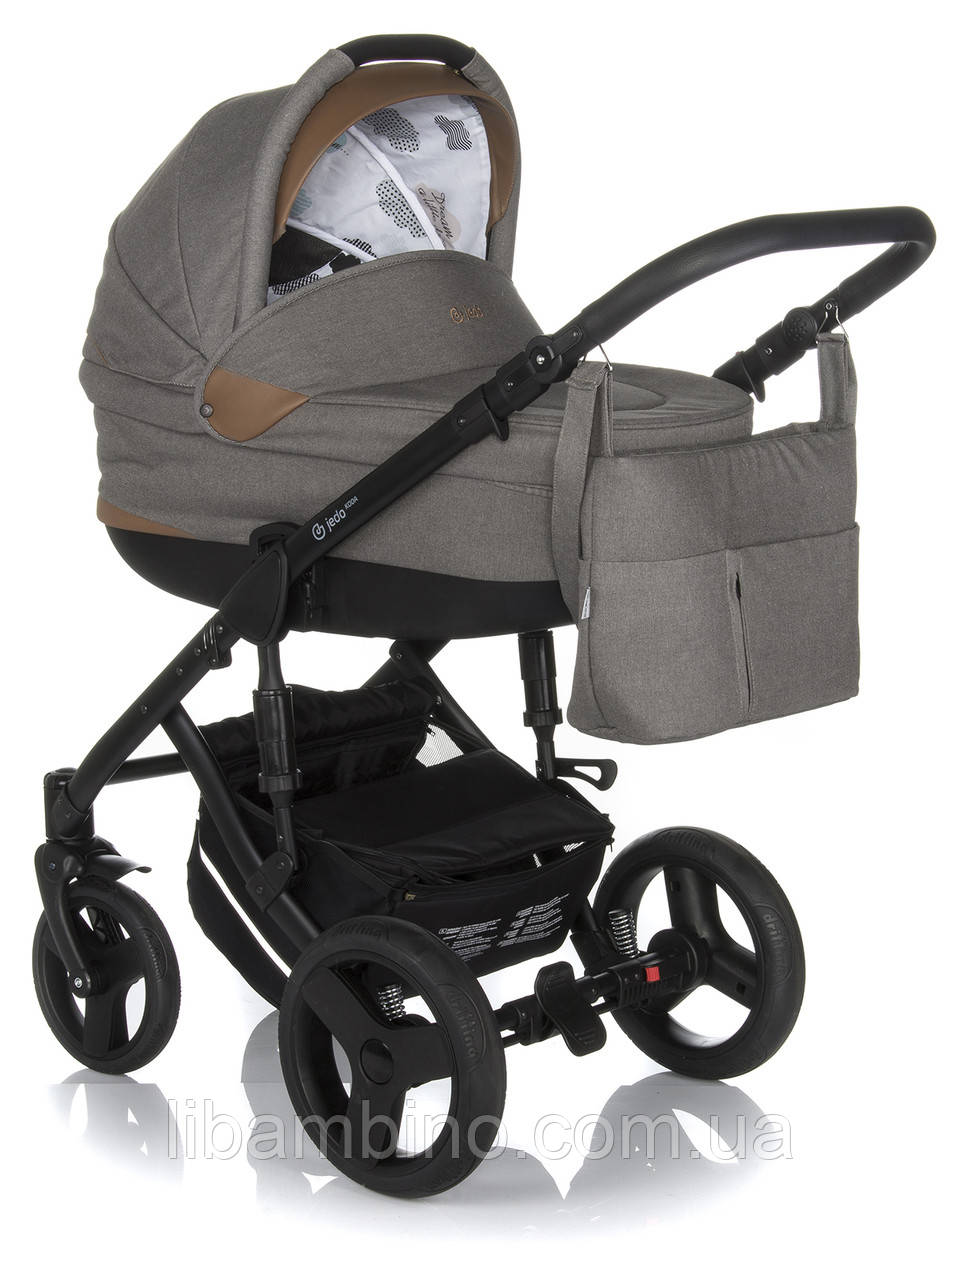 Дитяча універсальна коляска 2 в 1 Jedo Koda V9